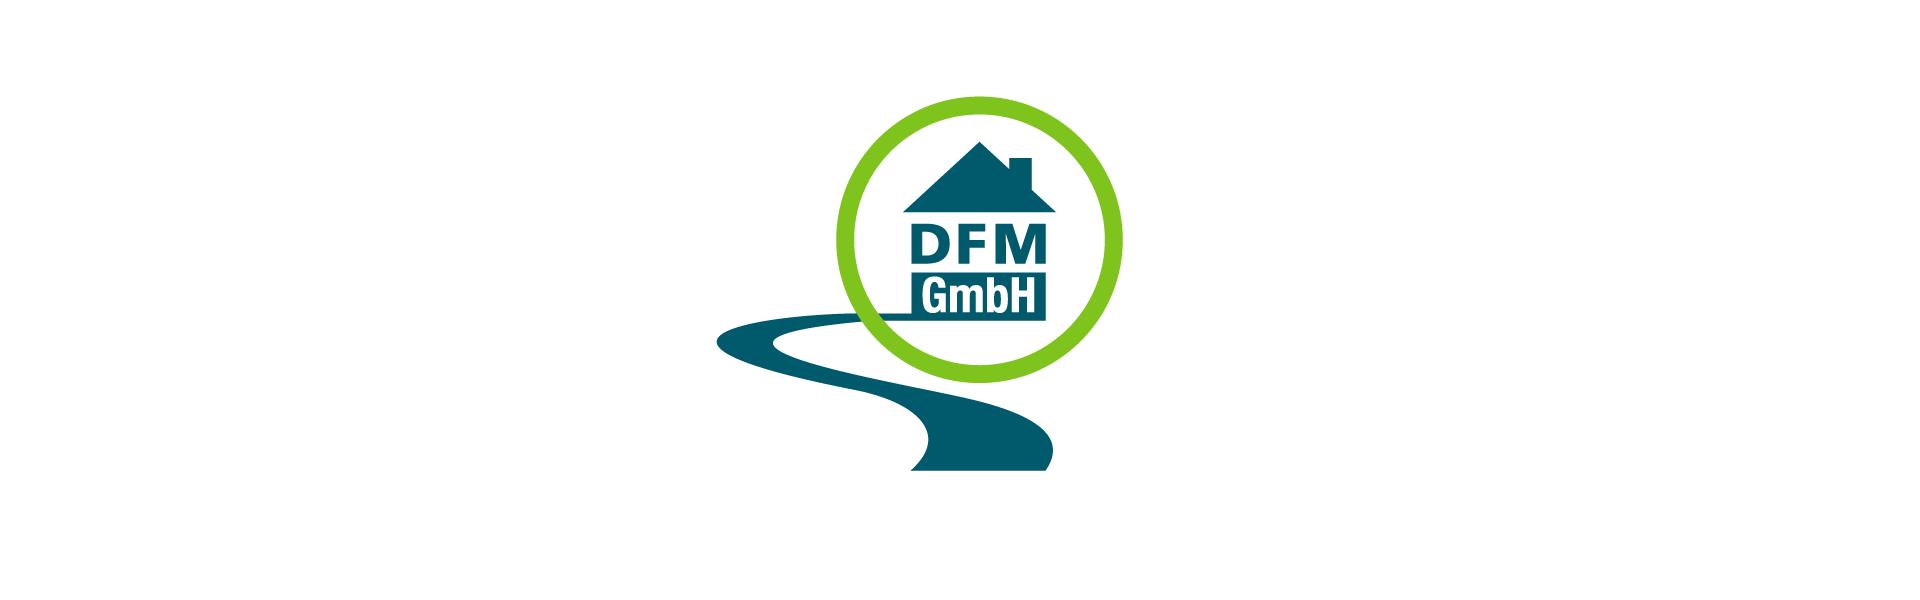 Der Facility Manager für Darmstadt und Umgebung